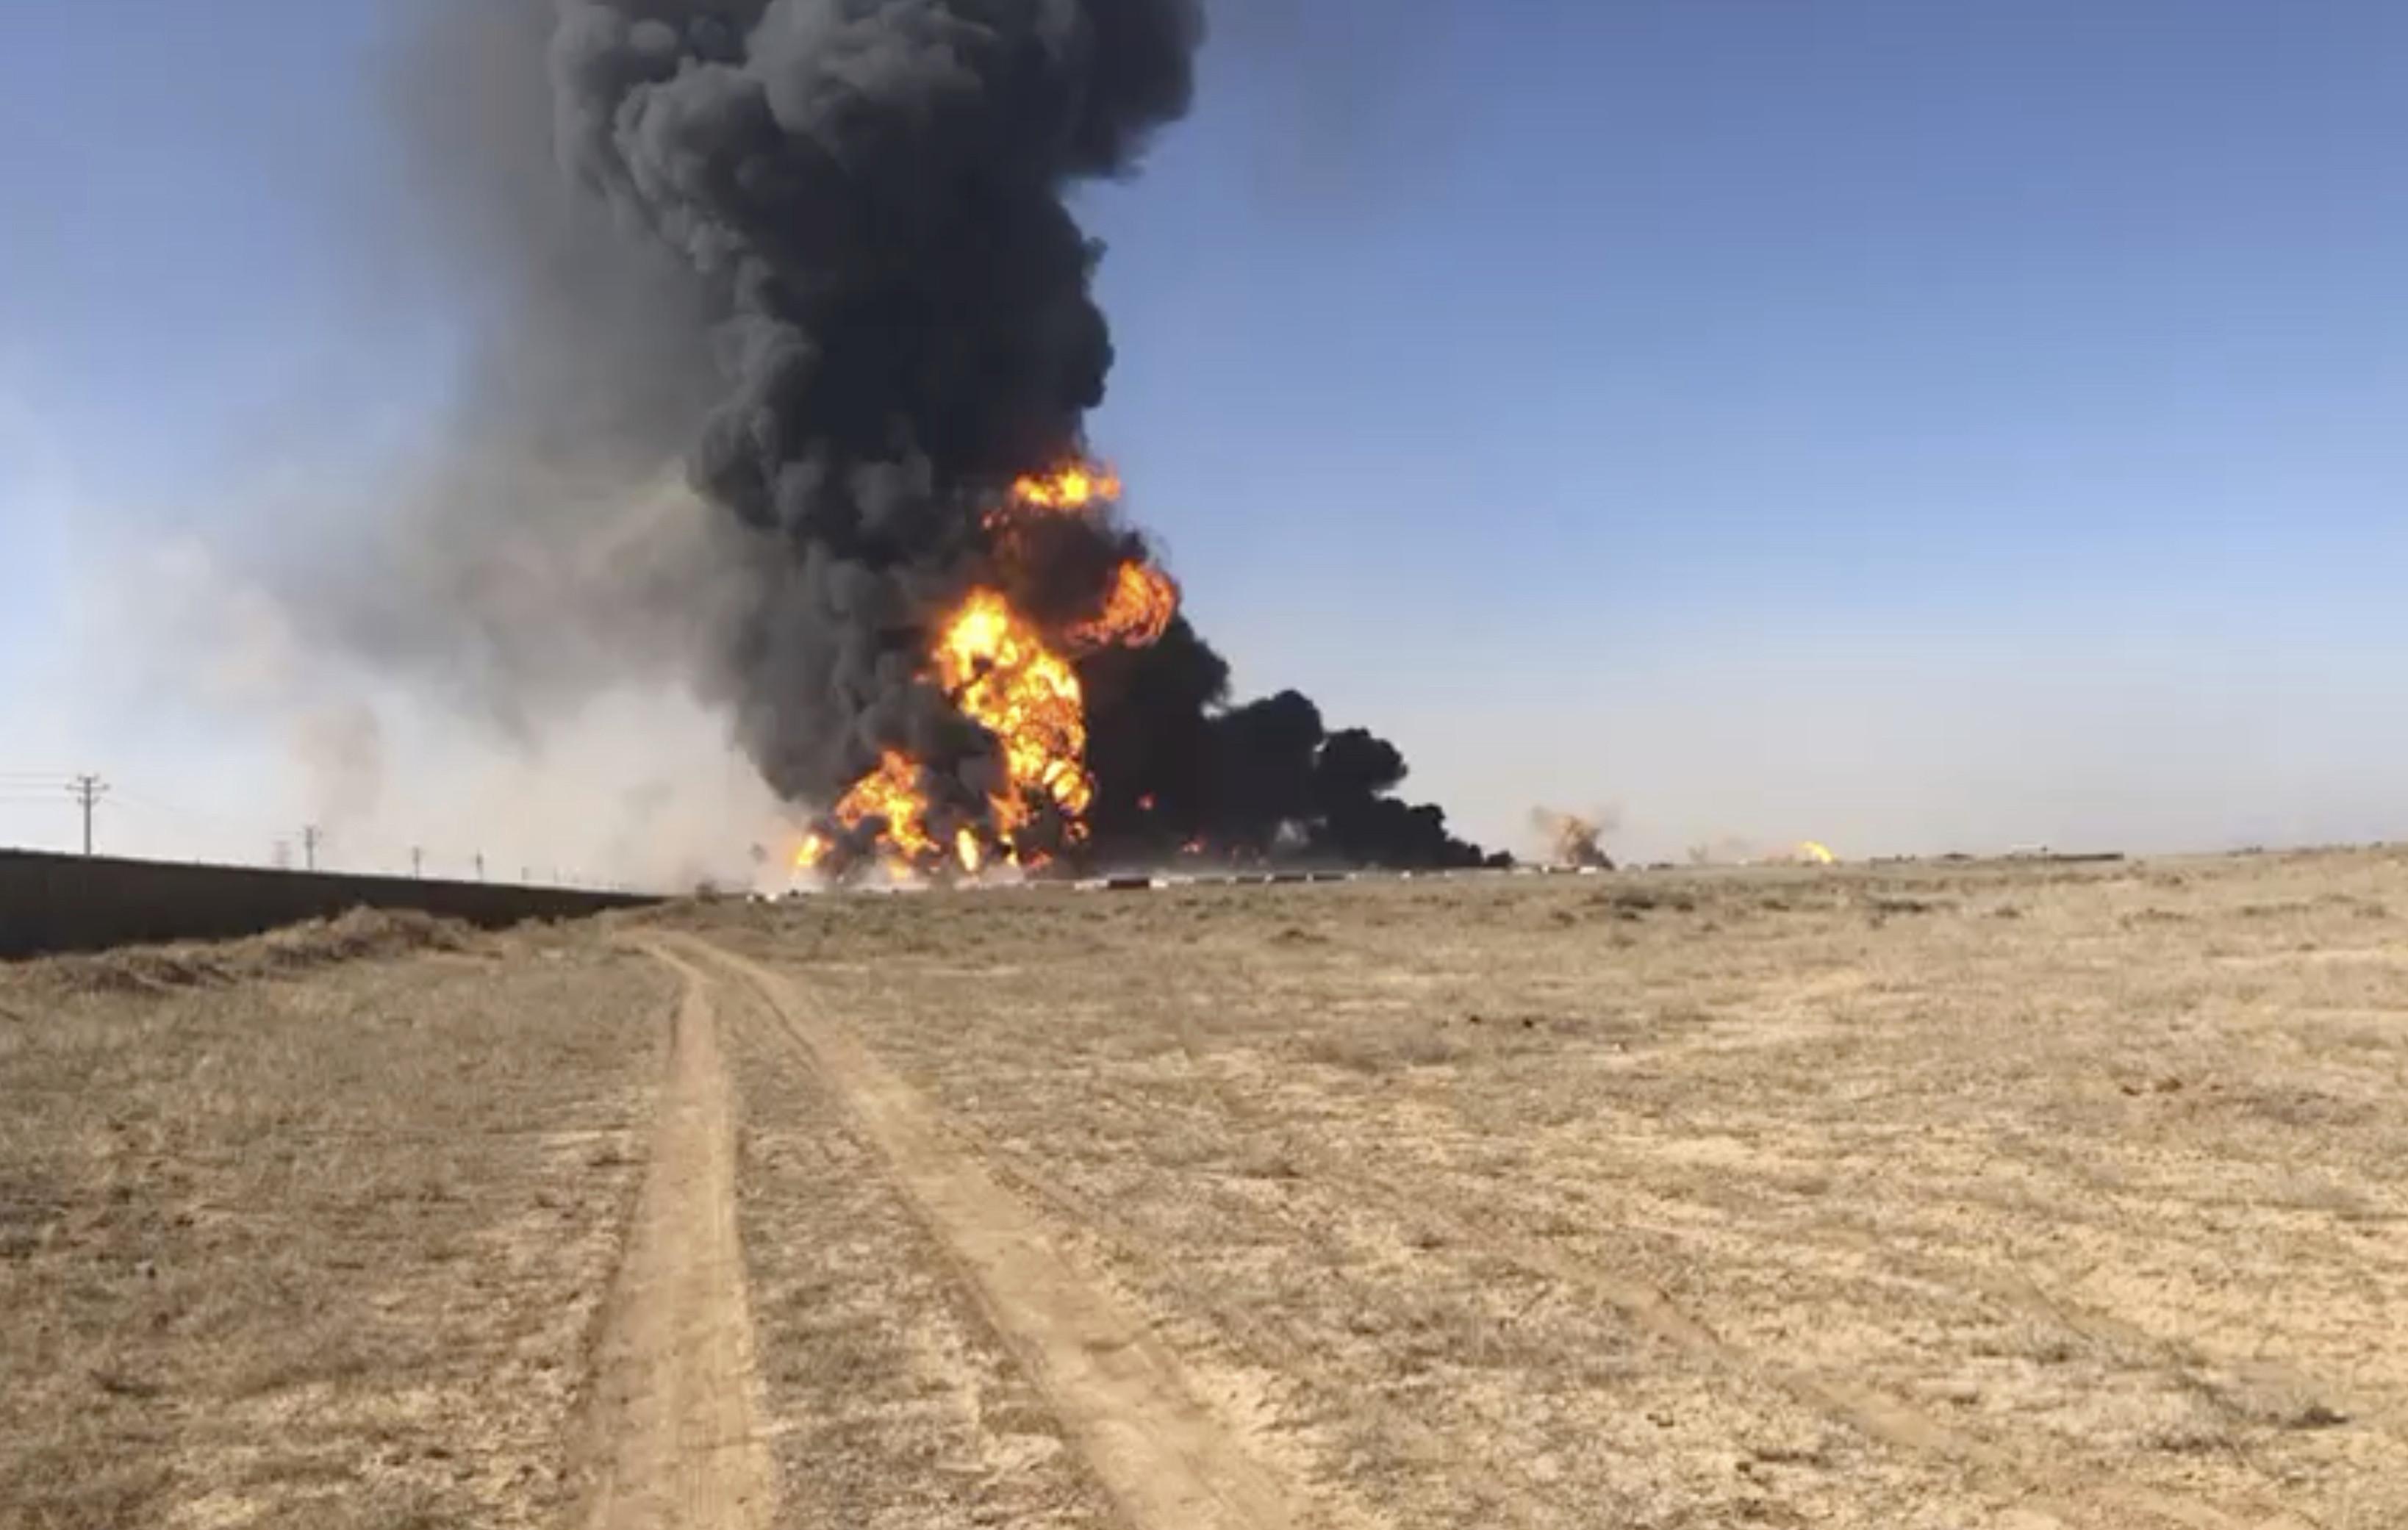 ▲▼阿富汗、伊朗交界處500多輛油灌車與卡車被引爆,火焰與濃煙竄天。(圖/達志影像/美聯社)